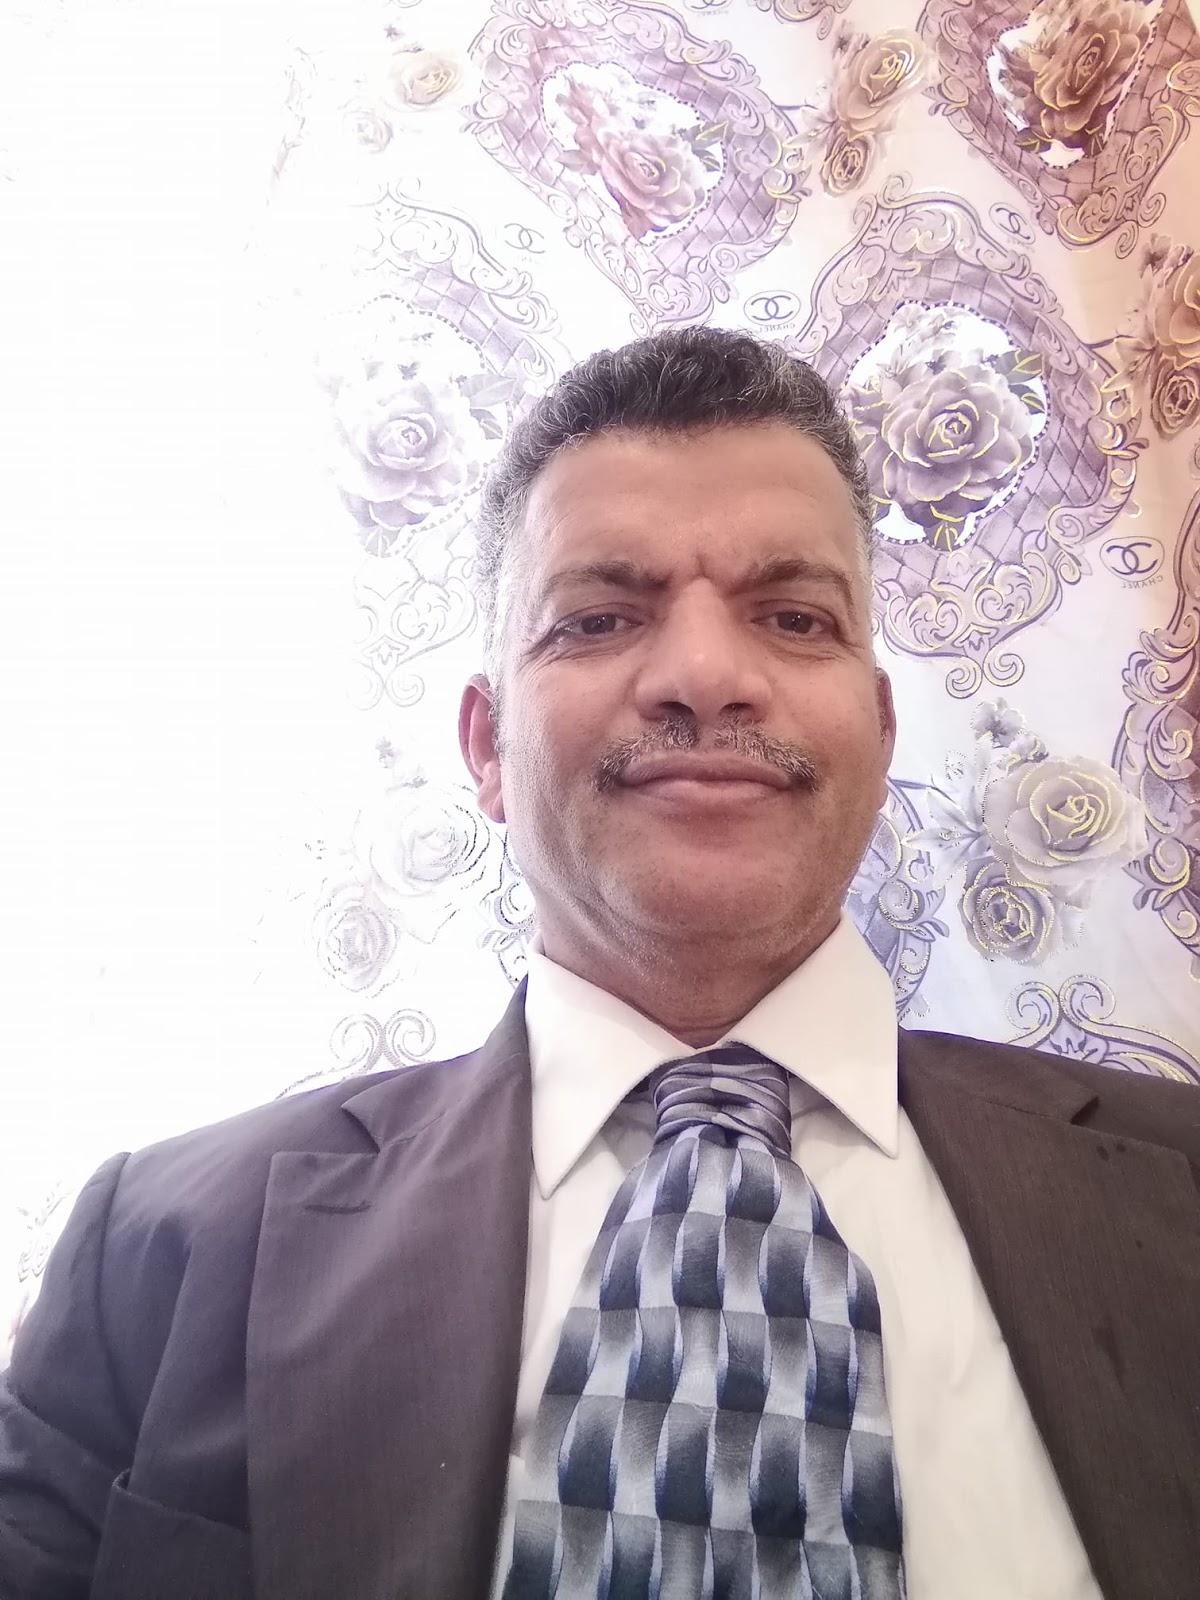 المفكر التونسي زهير الخويلدي يترجم: العقلانية والمجتمع